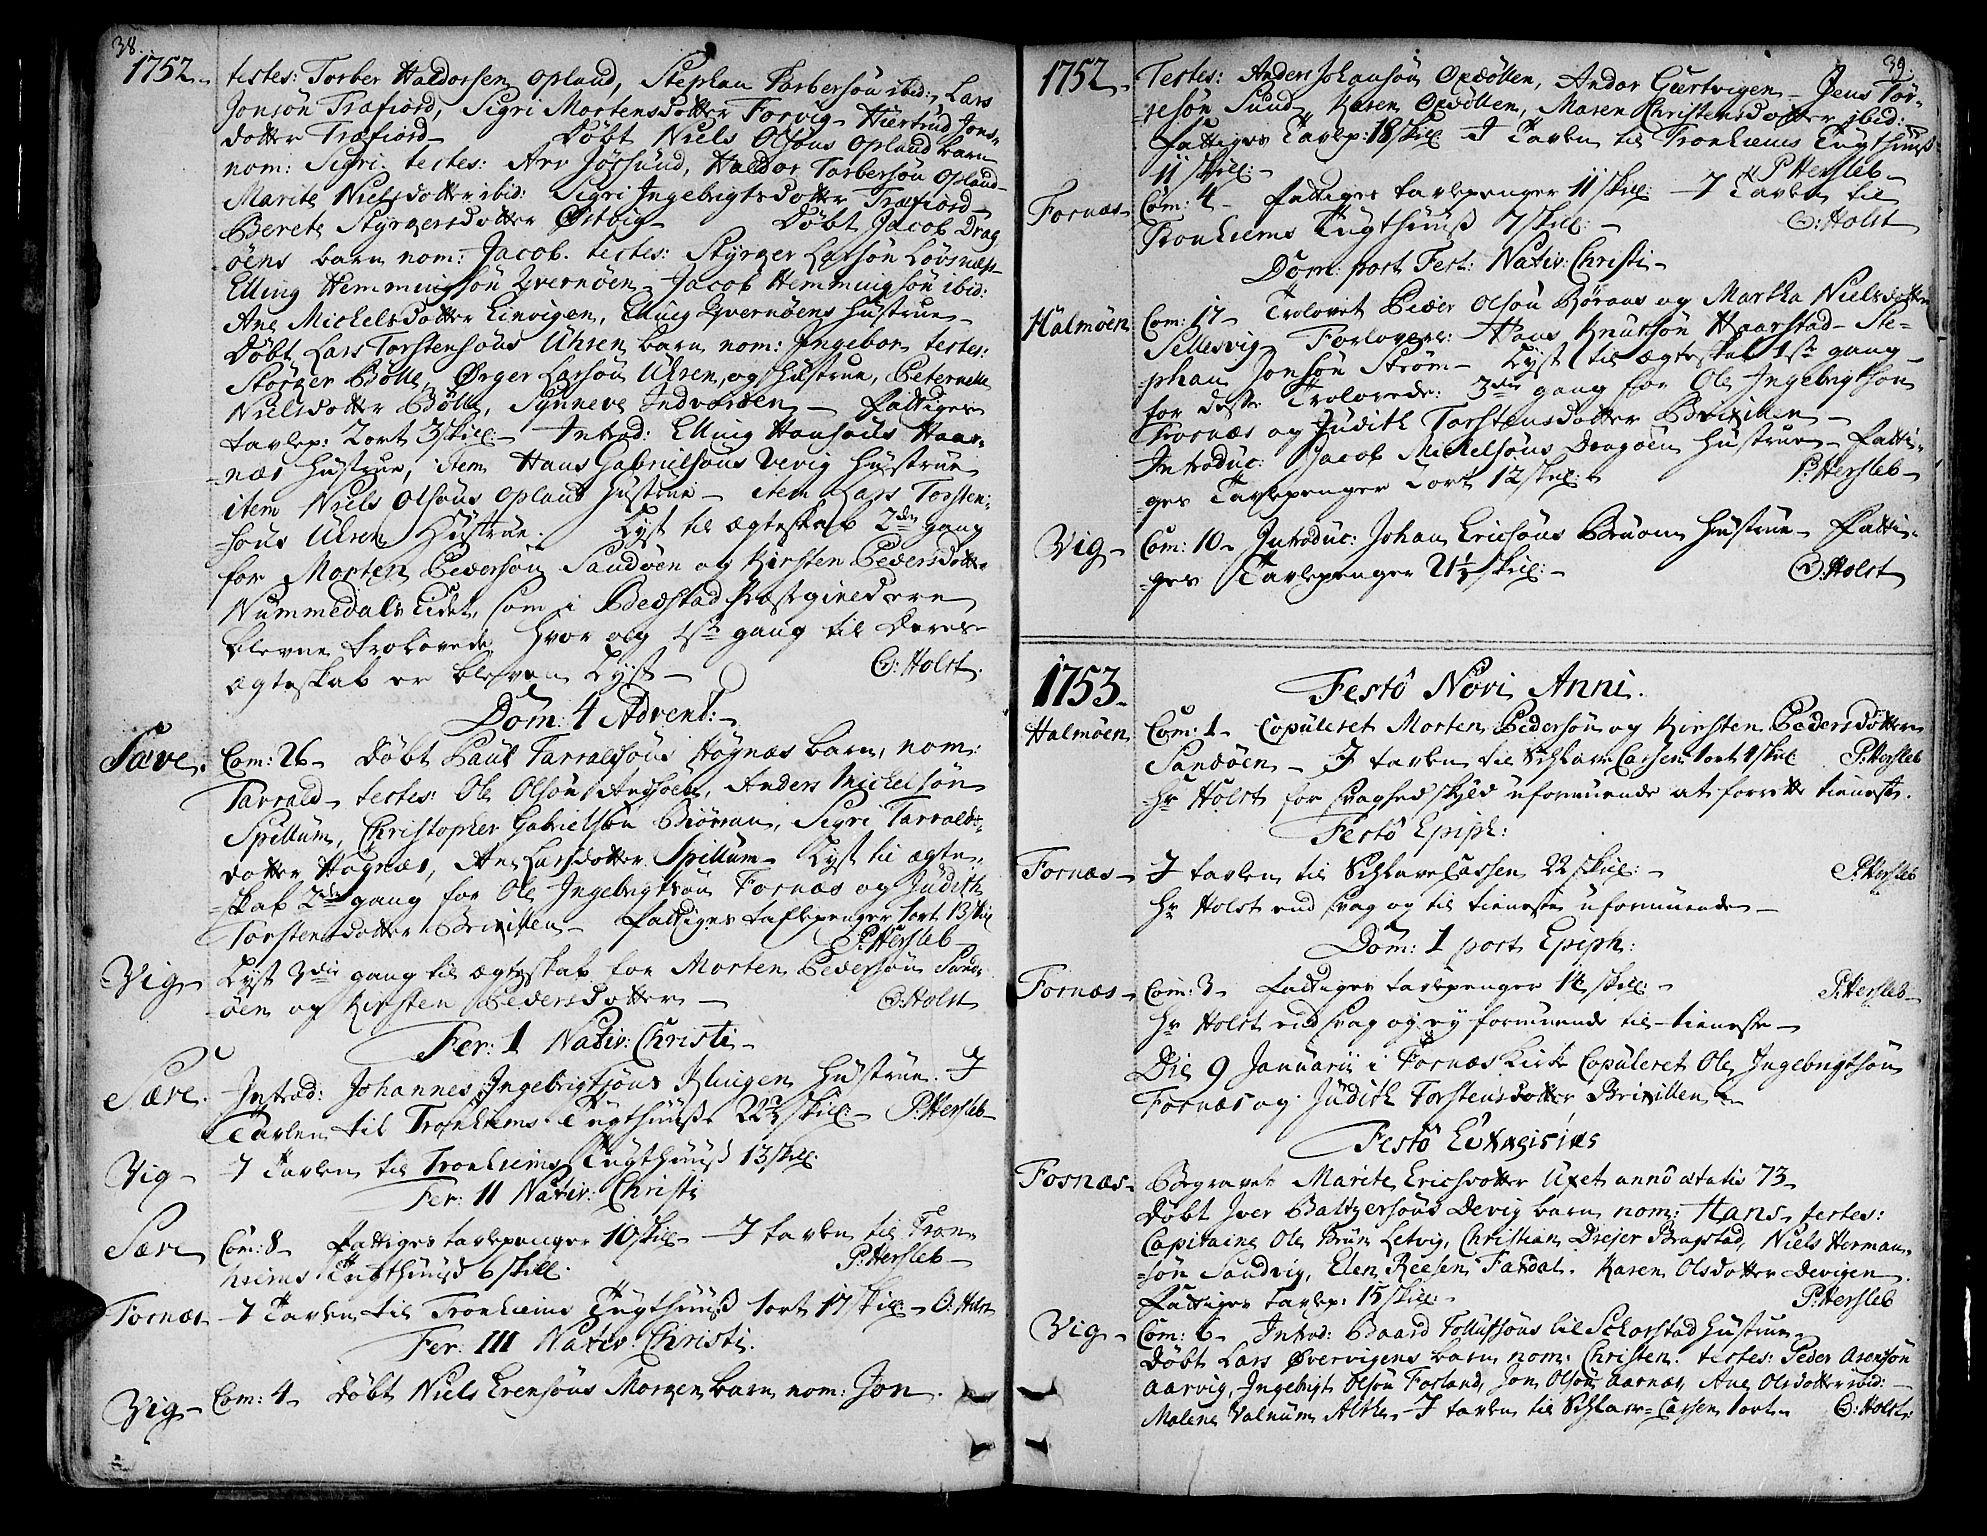 SAT, Ministerialprotokoller, klokkerbøker og fødselsregistre - Nord-Trøndelag, 773/L0607: Ministerialbok nr. 773A01, 1751-1783, s. 38-39